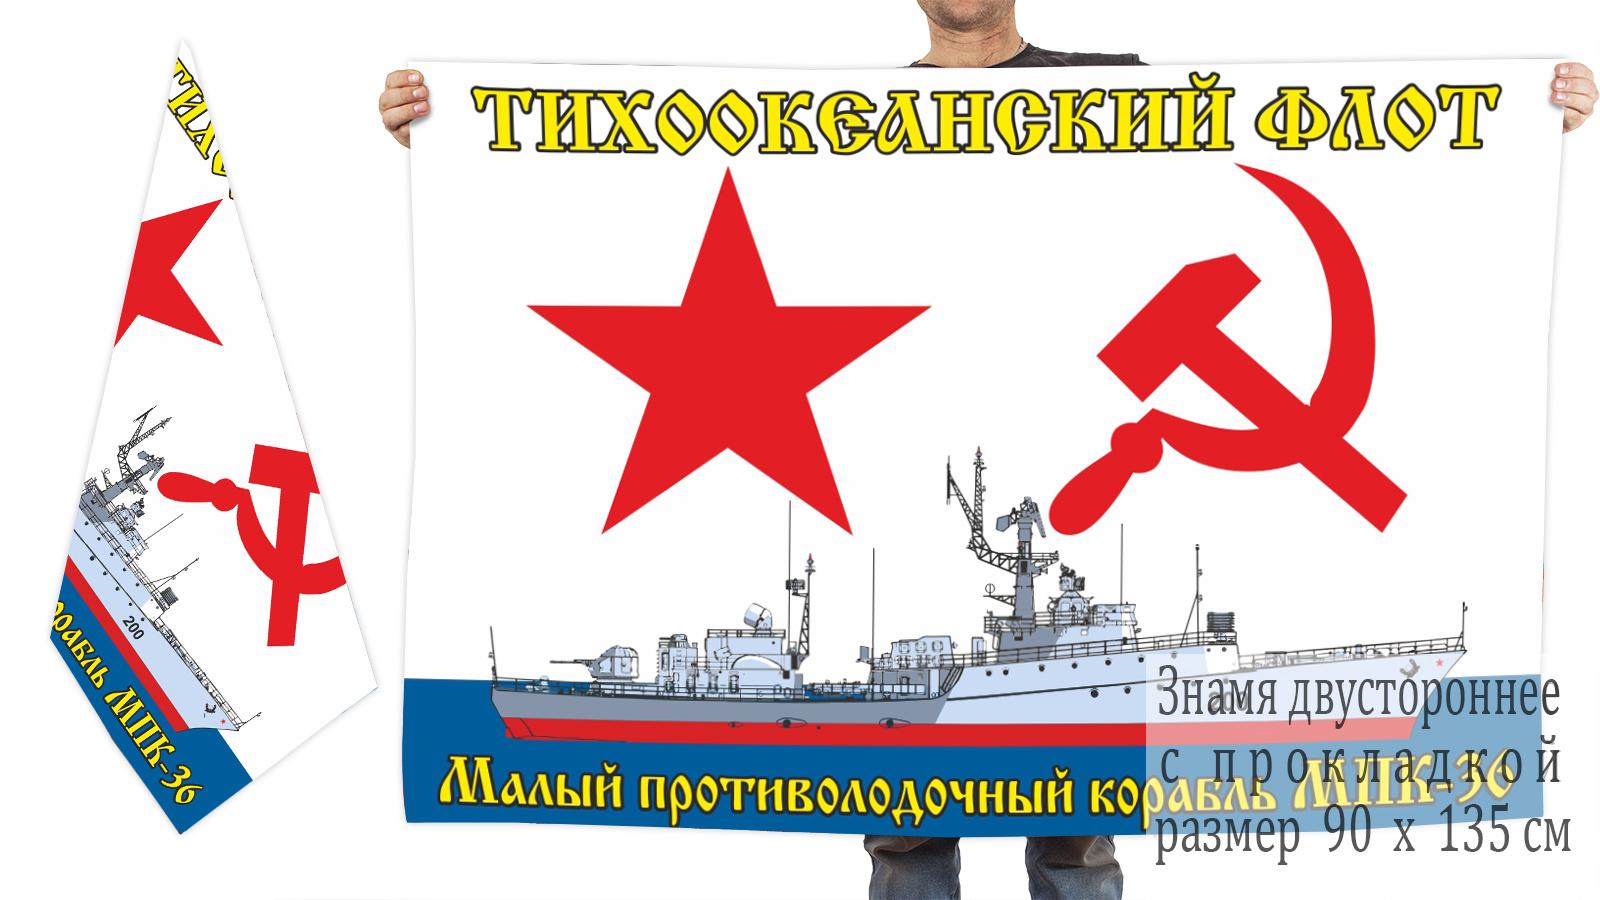 Заказать флаг ВМФ Малый противолодочный корабль МПК-36